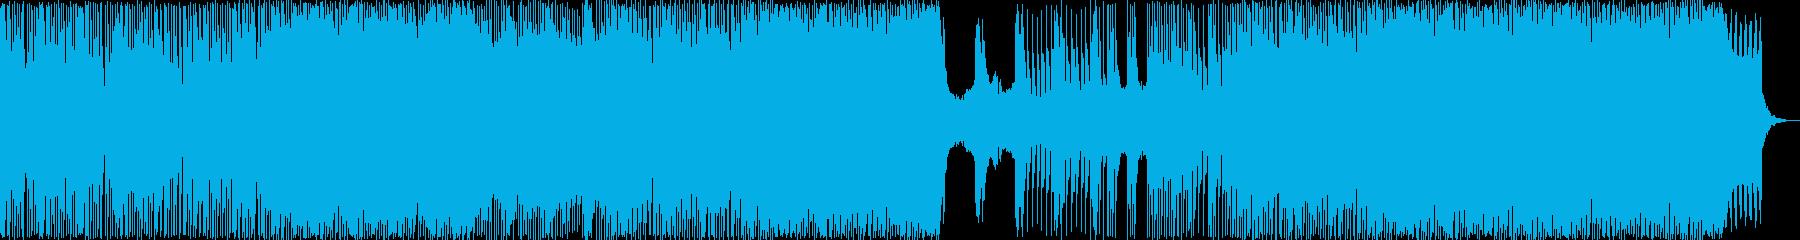 ハードな津軽三味線 和風EDMの再生済みの波形